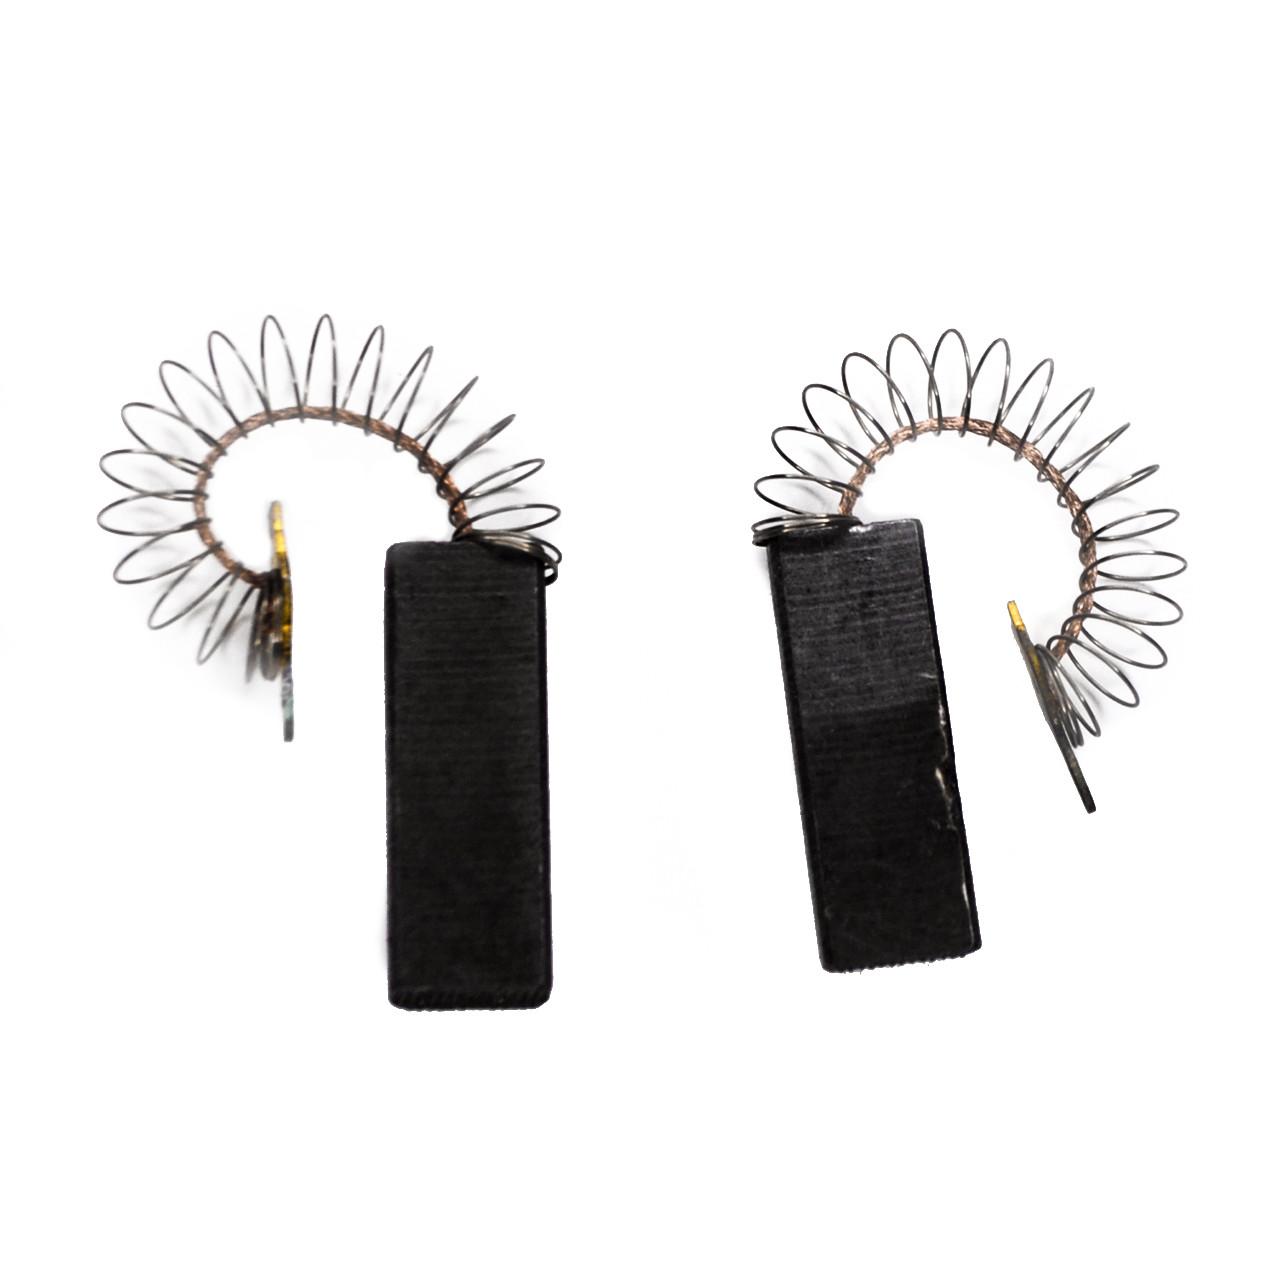 Щетки угольные 6*12,5*31 цельные, провод по центру, с пружинкой